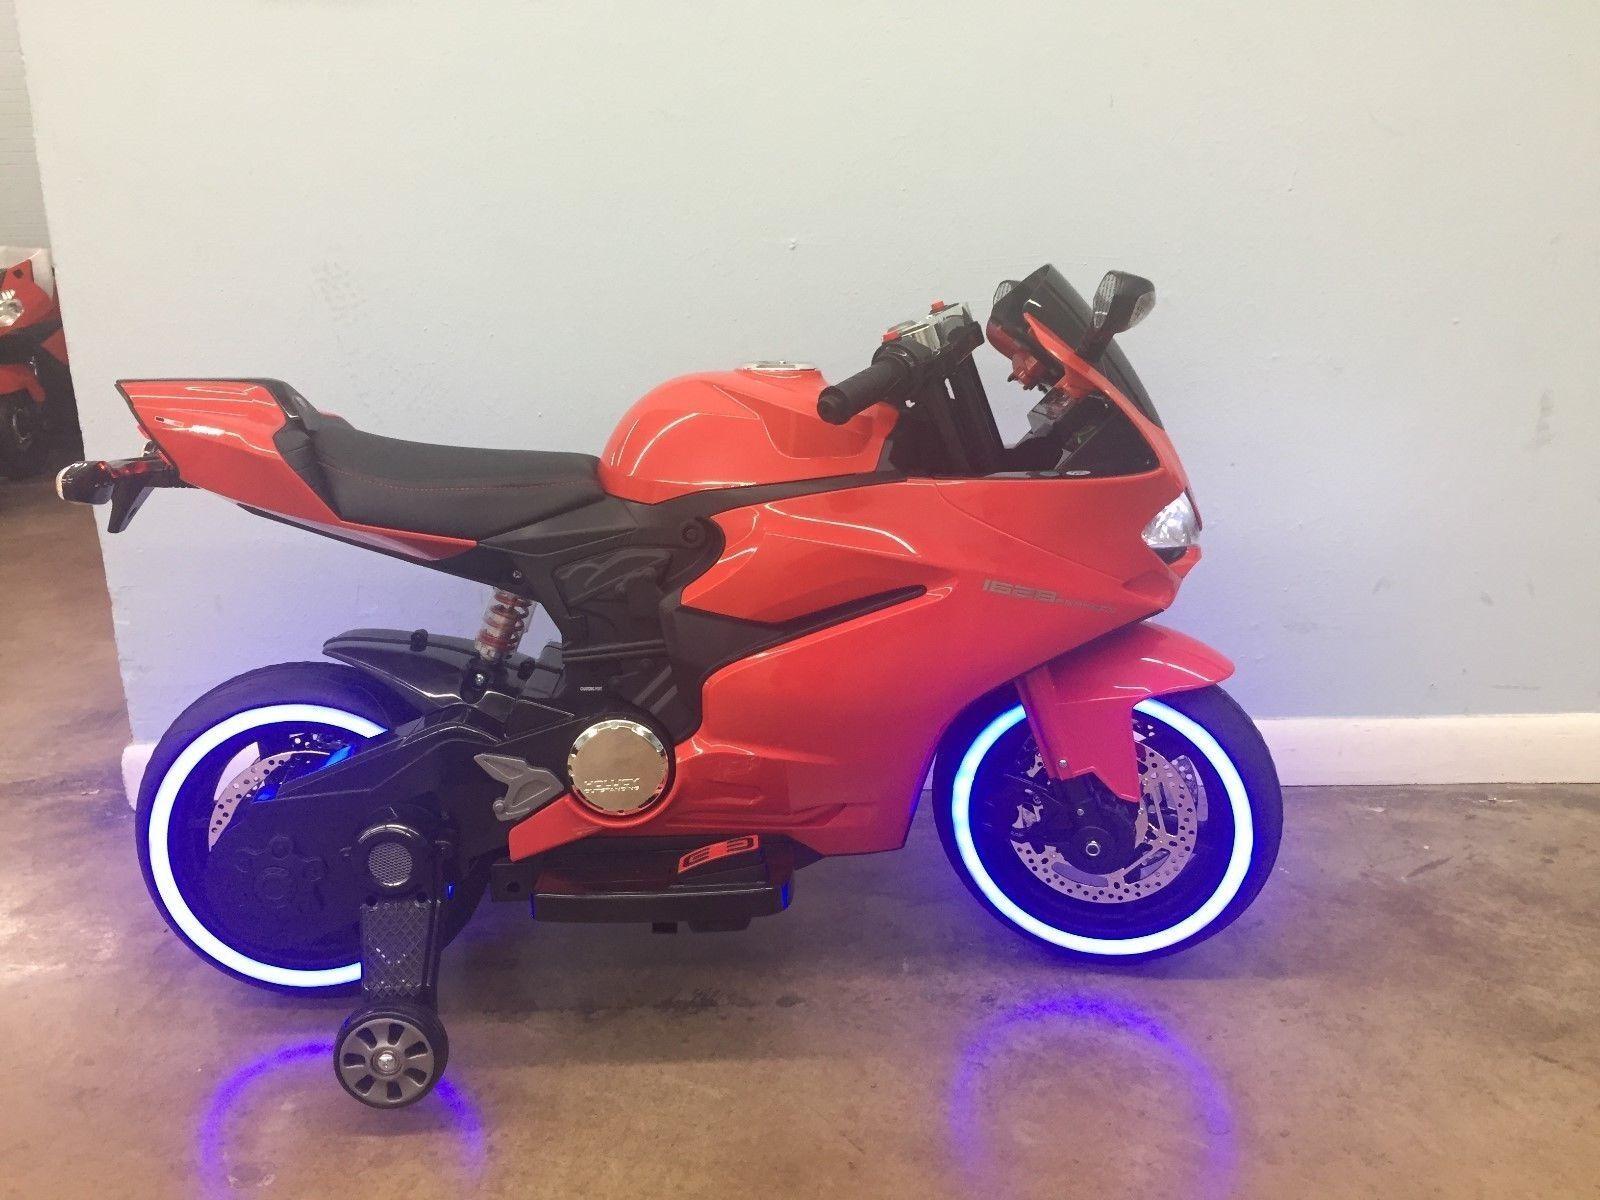 Mit spielzeug - motorrad 12v batterie - elektrisch betriebenen mini bike ducati stil geführt.